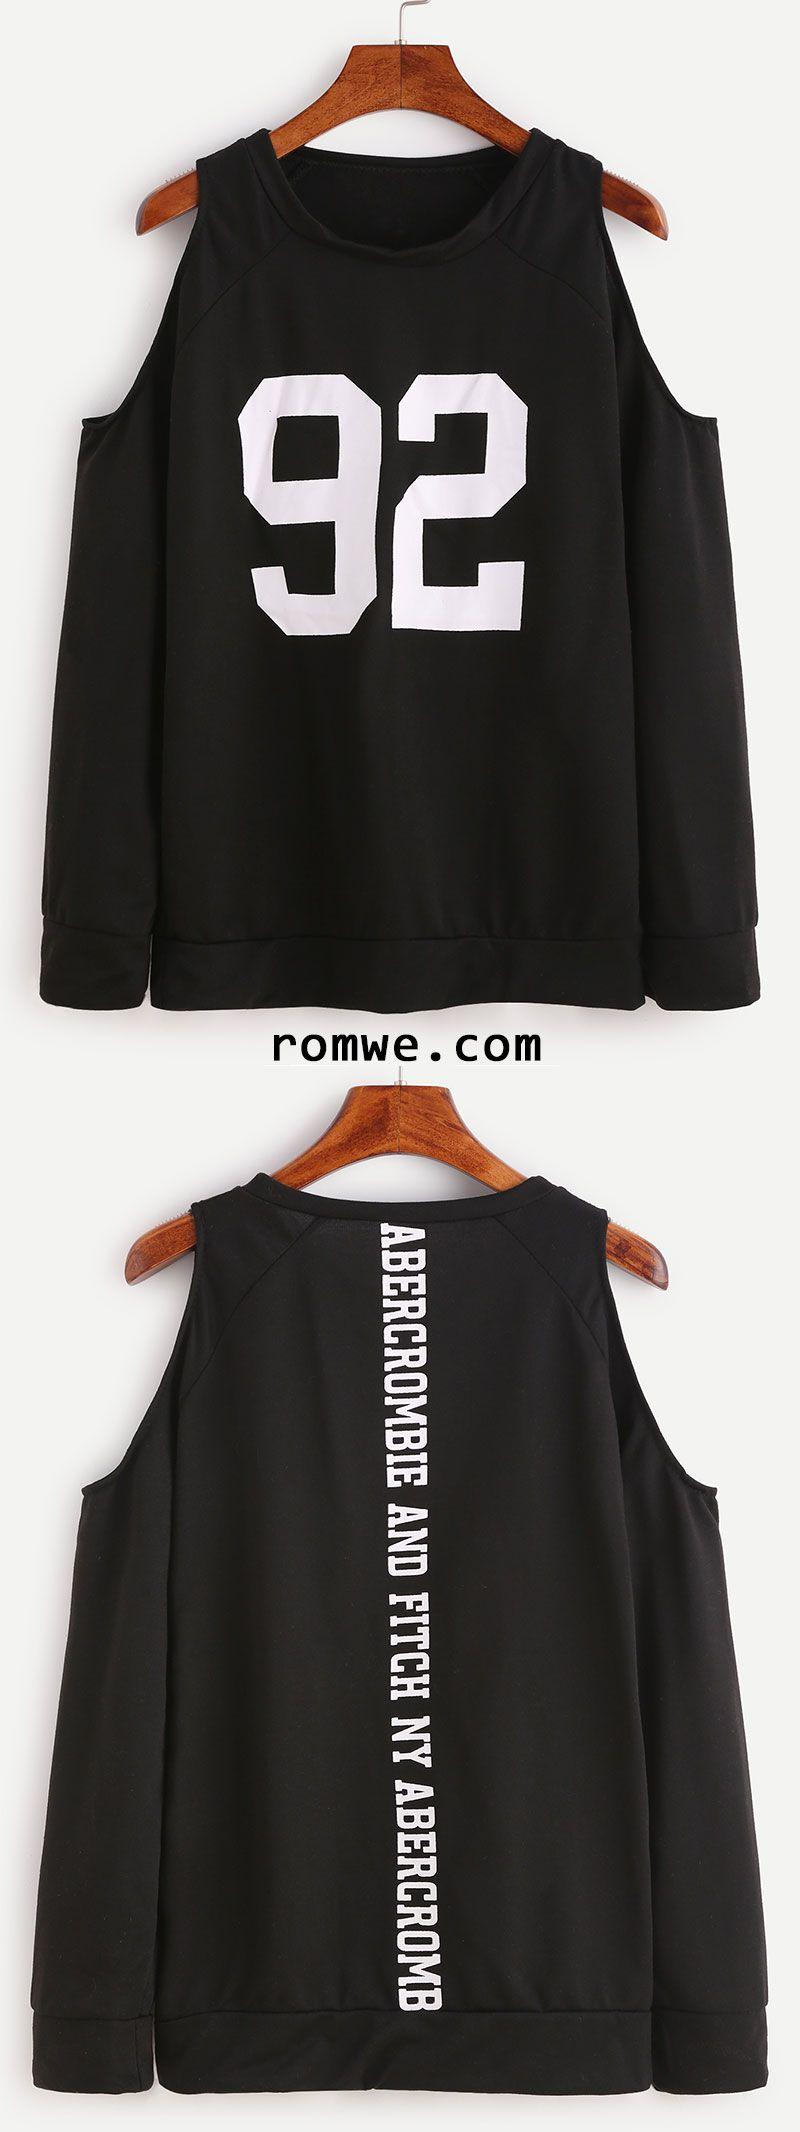 Black Number Print Open Shoulder Sweatshirt